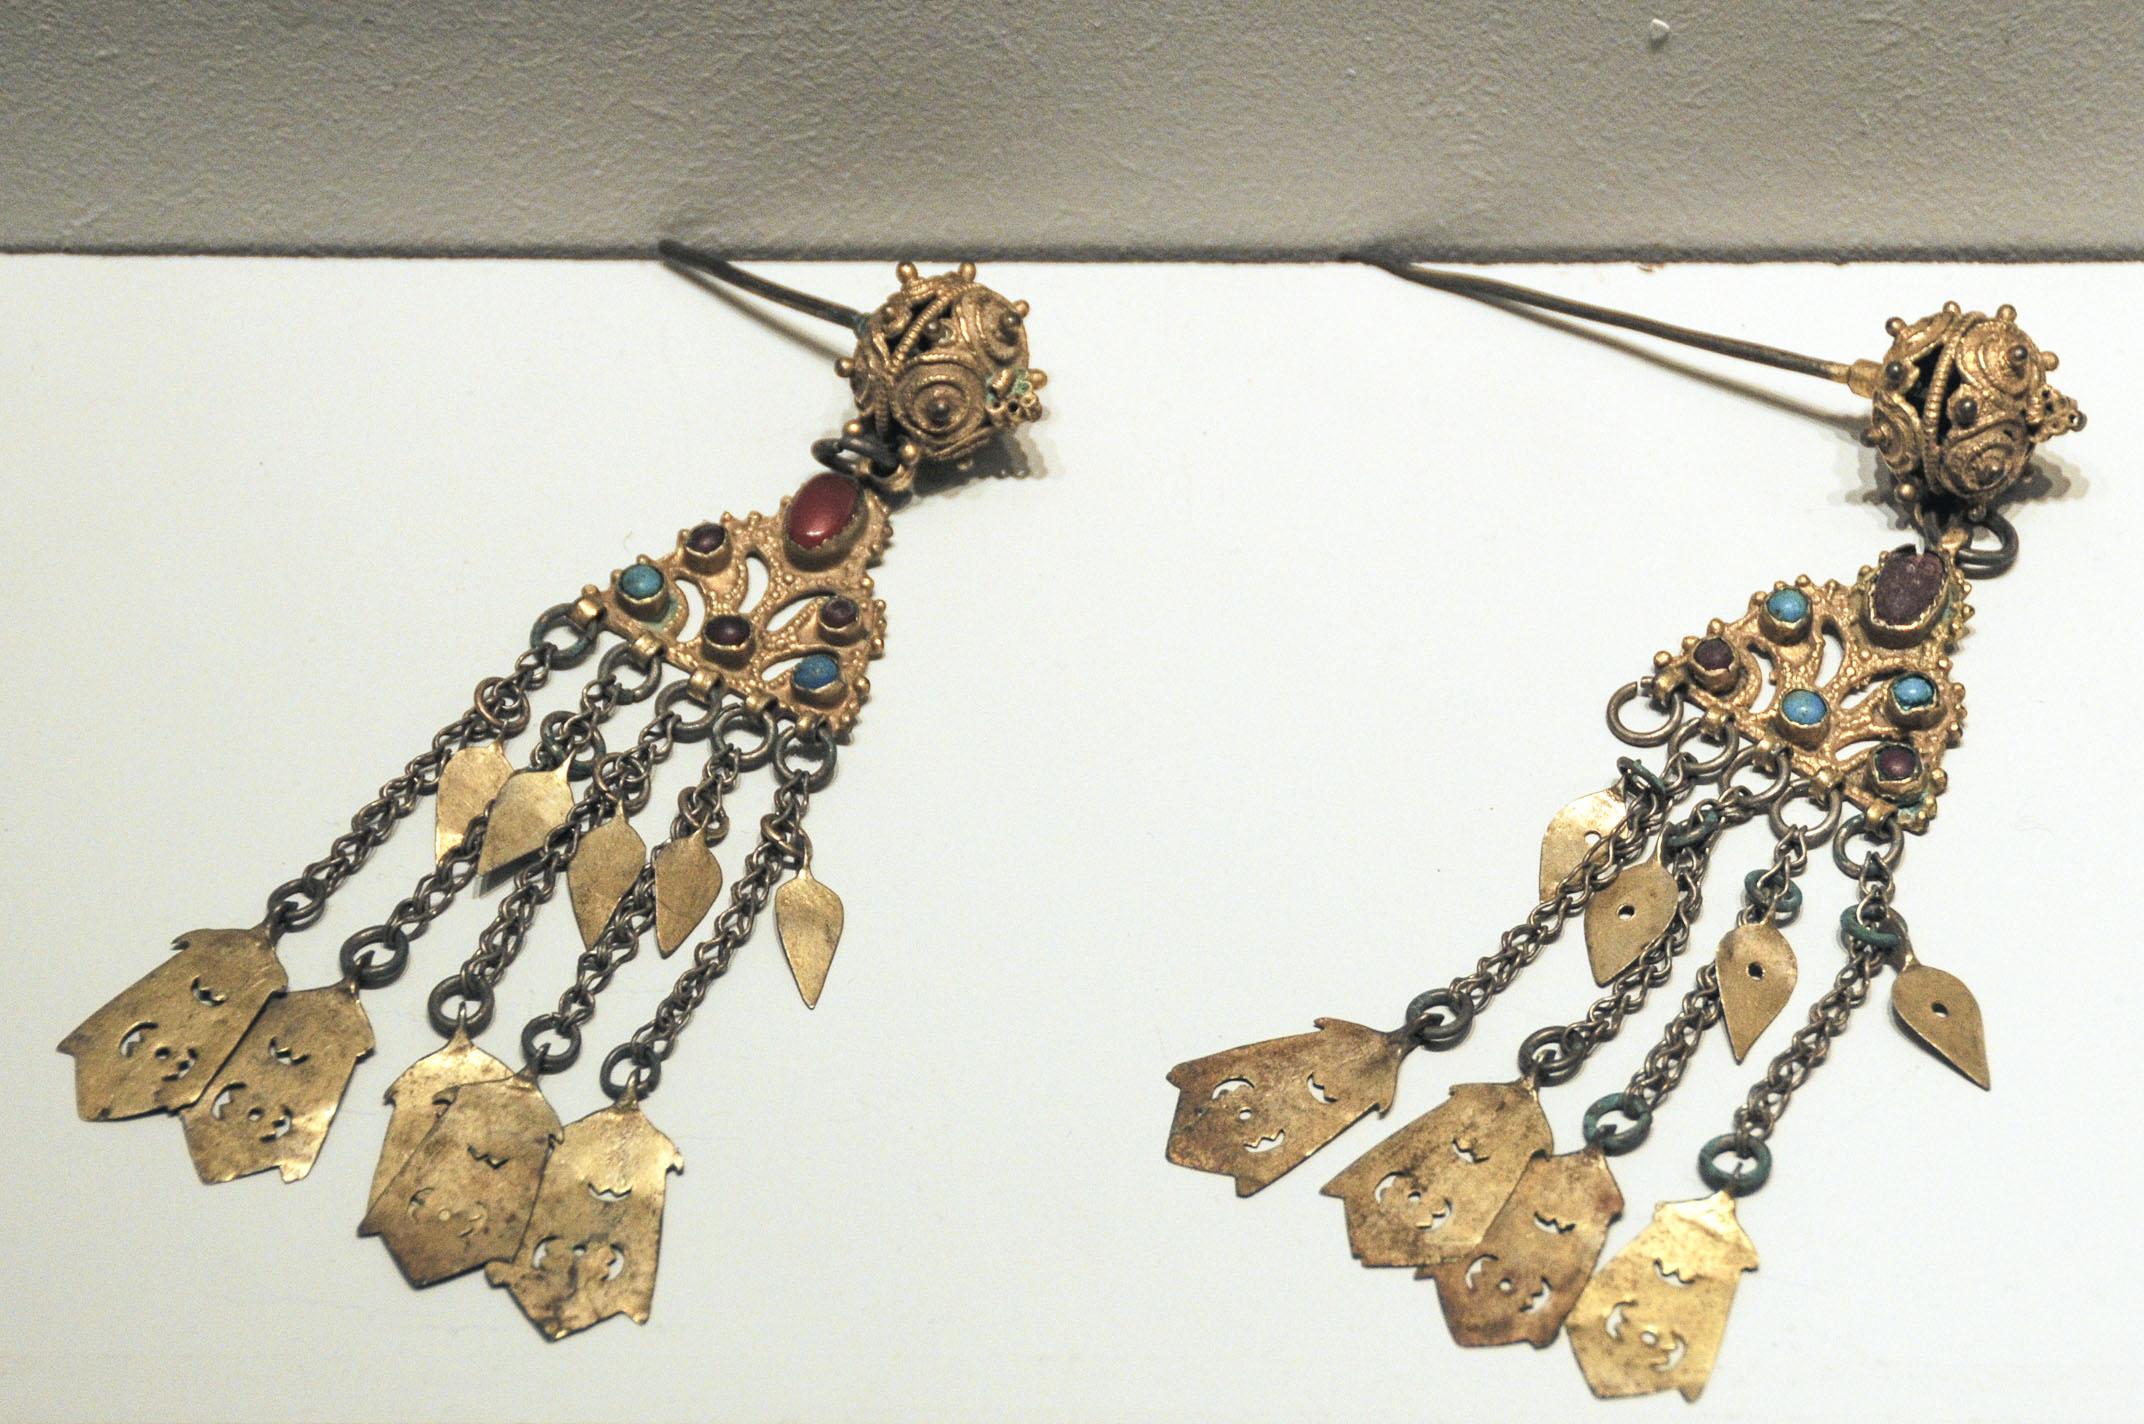 troyan-museum-bylgarsko-zlatarsko-izkustvo-8